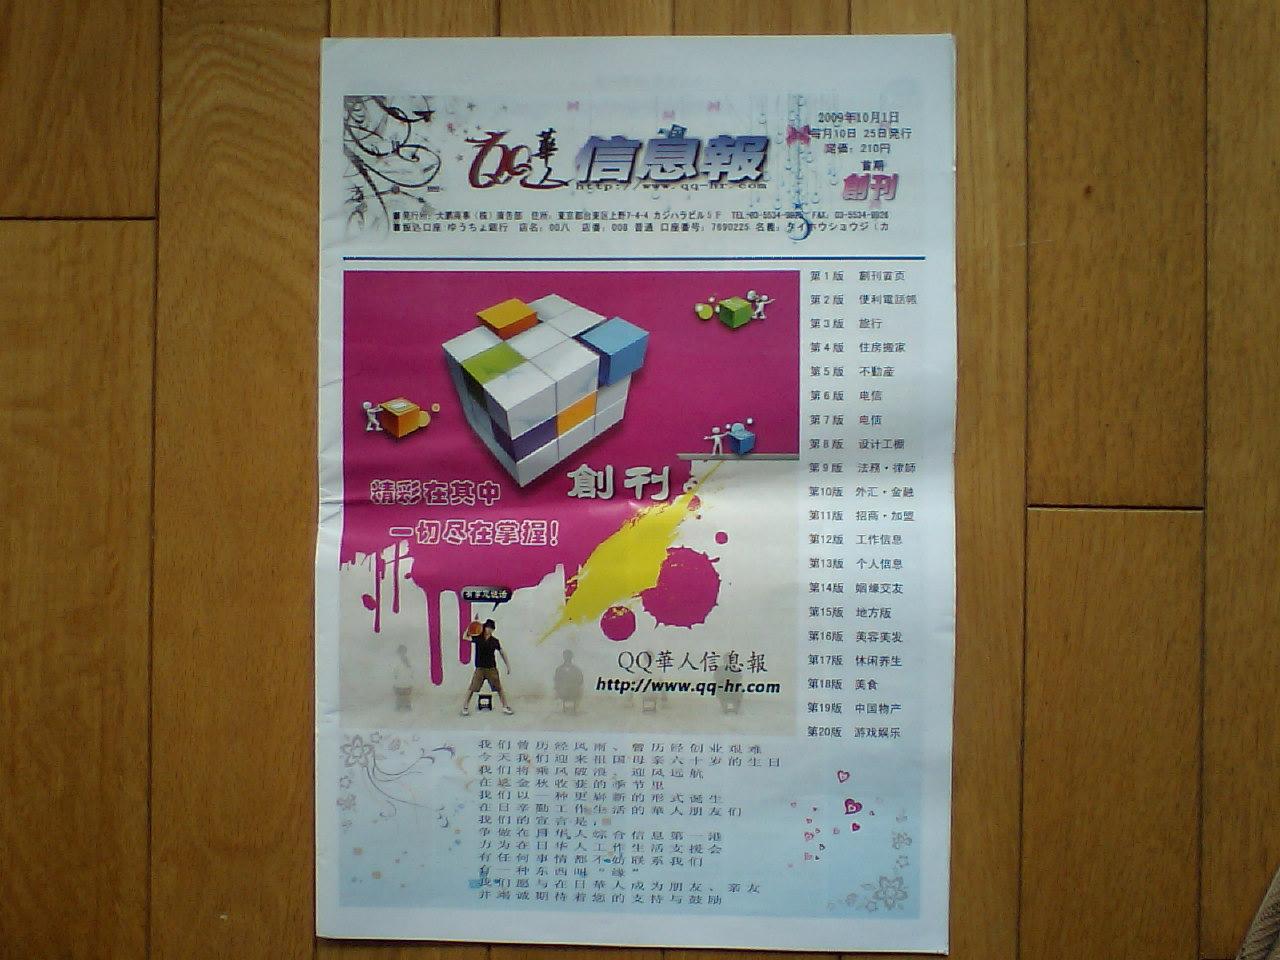 新しい中国語新聞「華人信息報」 東京上野で創刊_d0027795_7131479.jpg